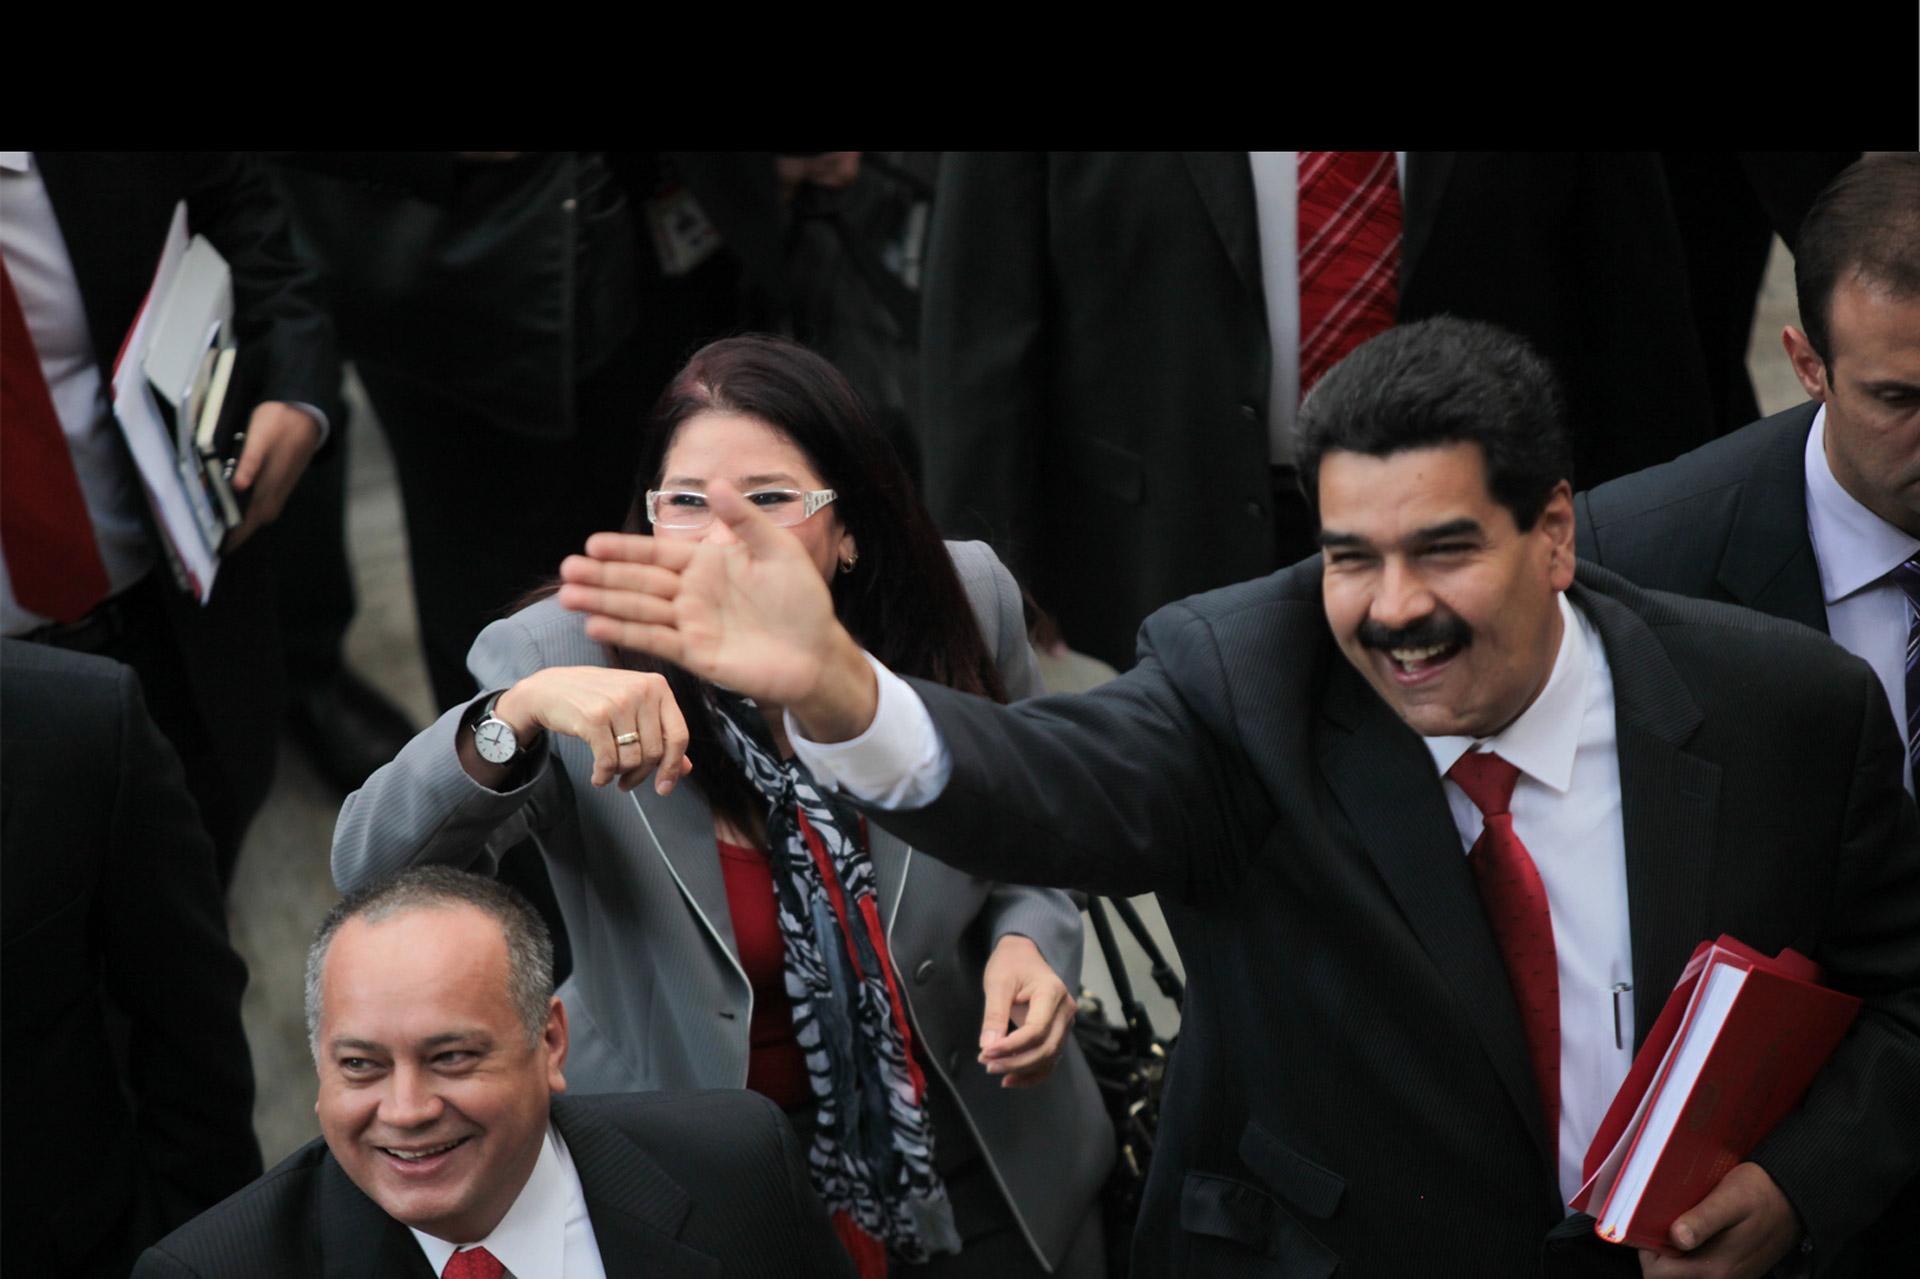 El presidente venezolano entregará el próximo martes a la AN un plan de emergencia para reactivar la producción nacional